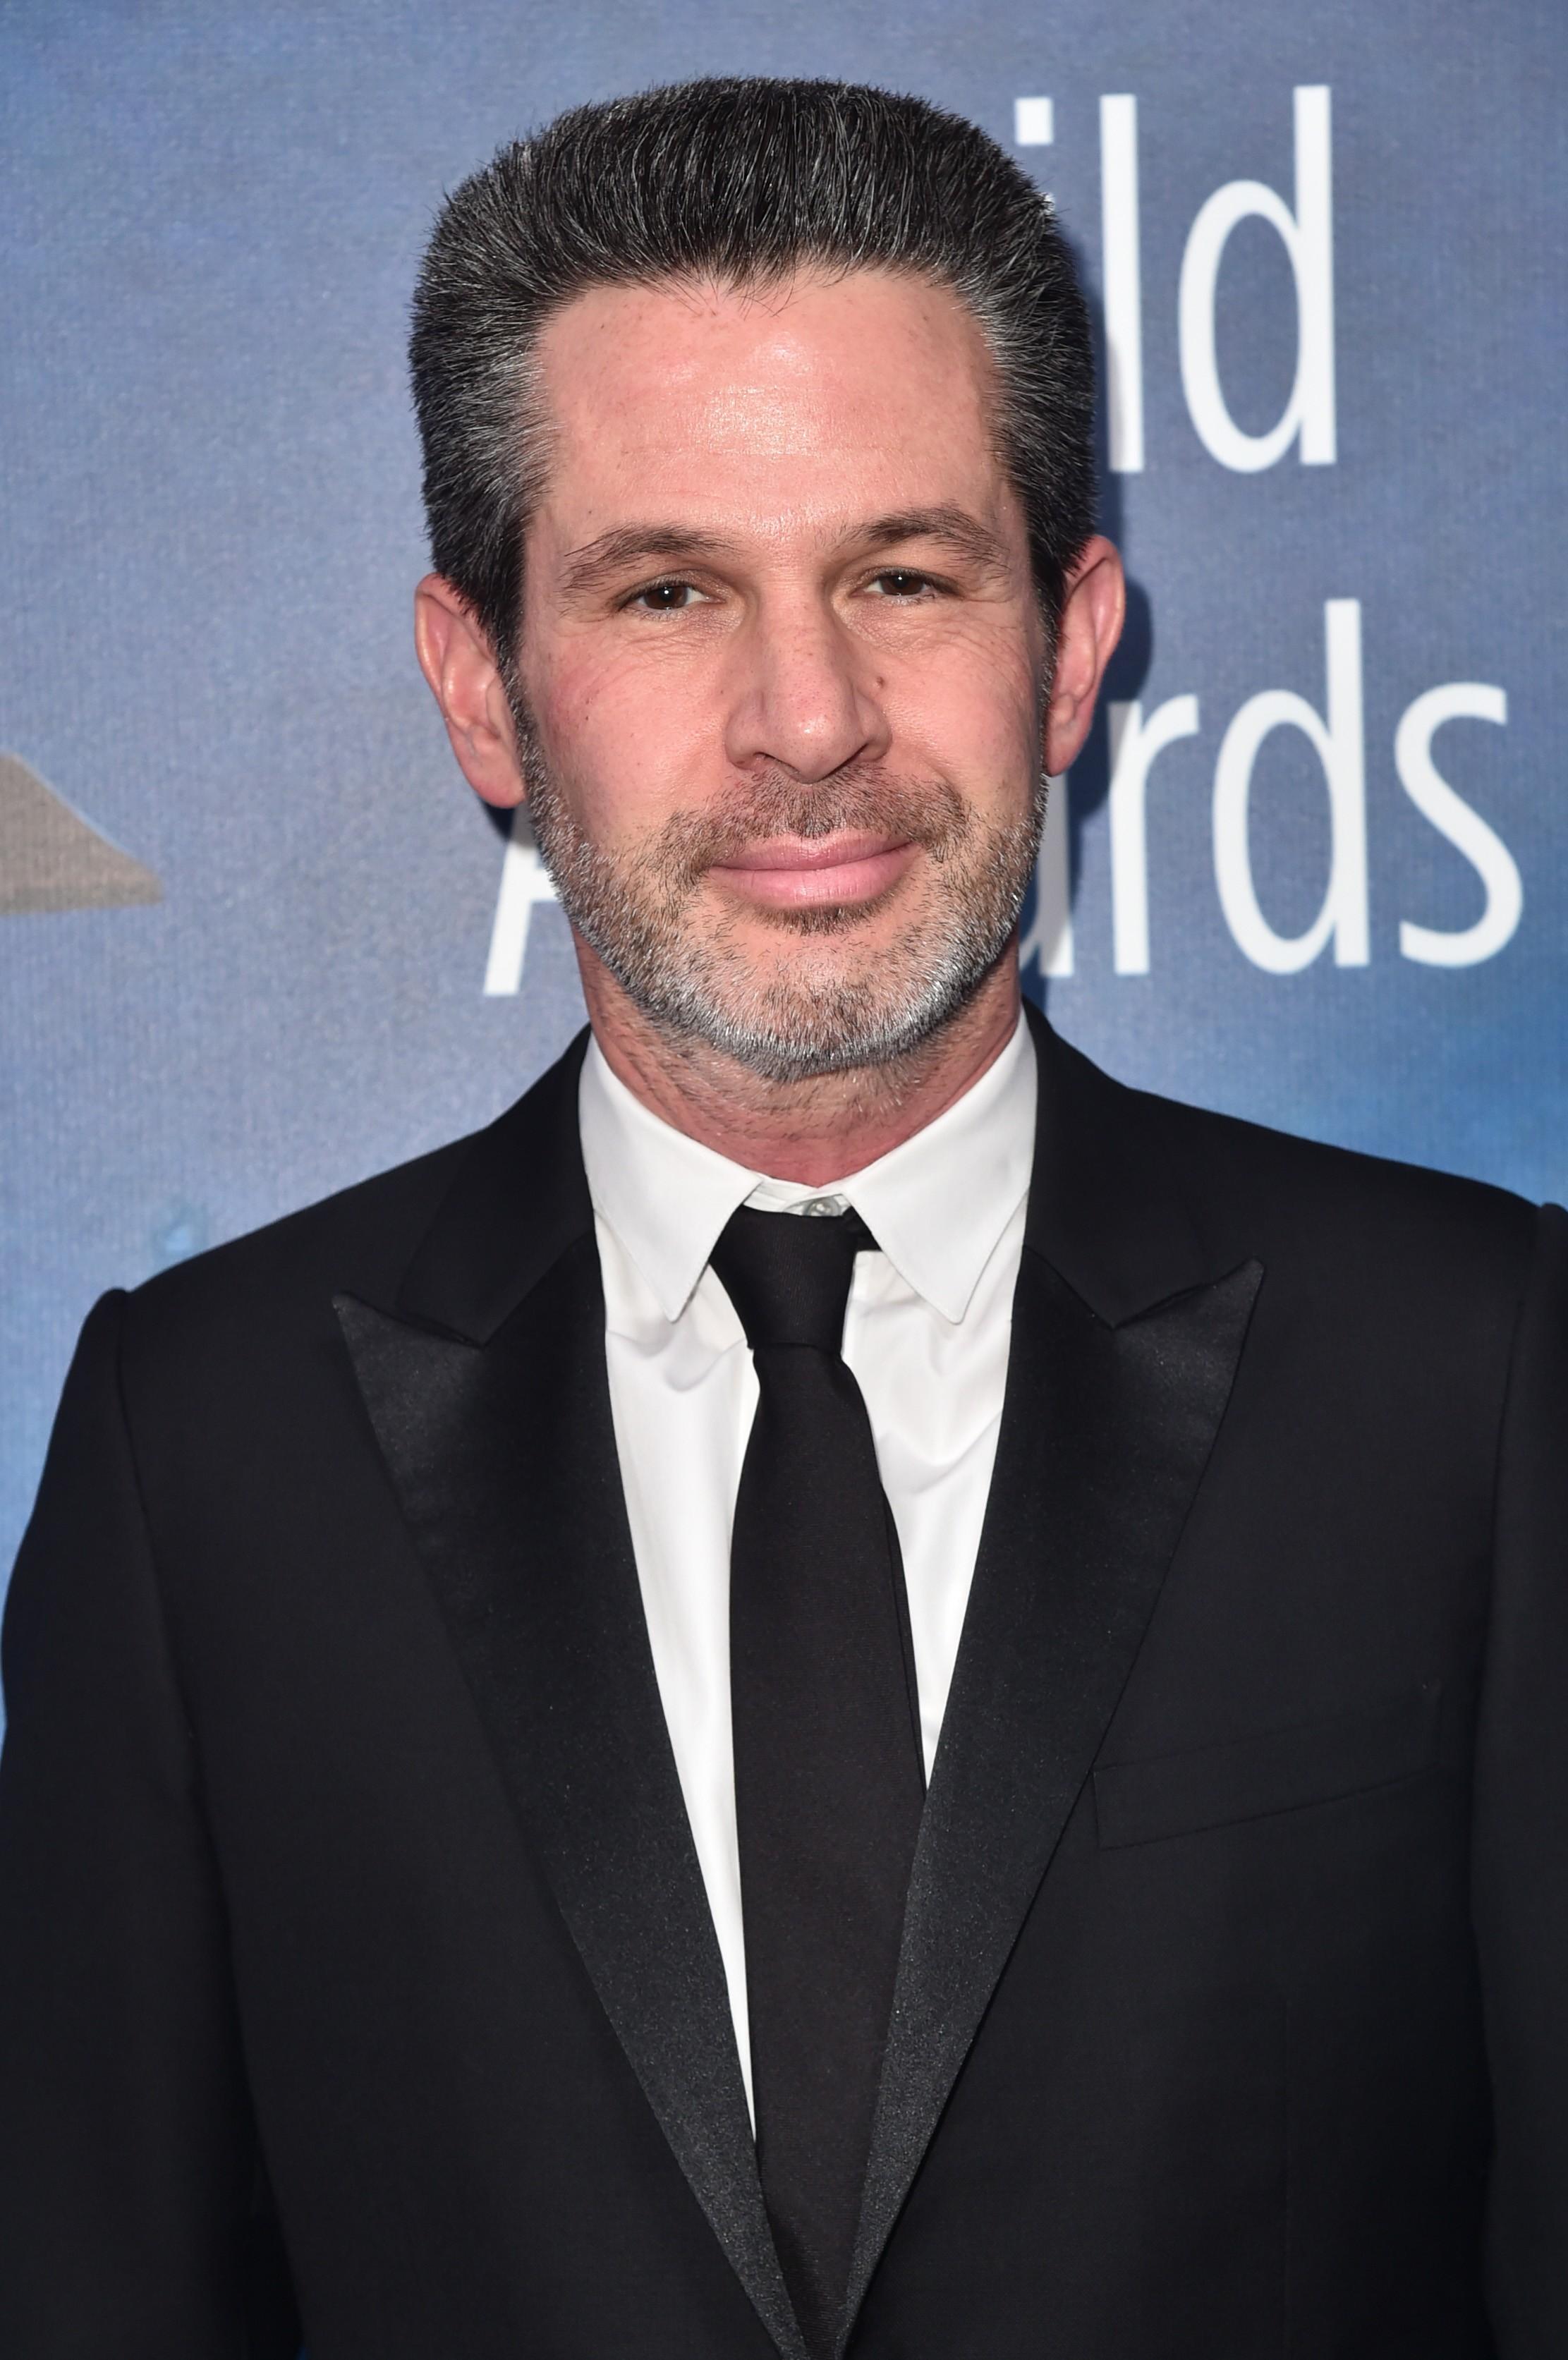 O cineasta Simon Kinberg, diretor de X-Men: Fênix Negra e produtor dos filmes da franquia X-Men (Foto: Getty Images)